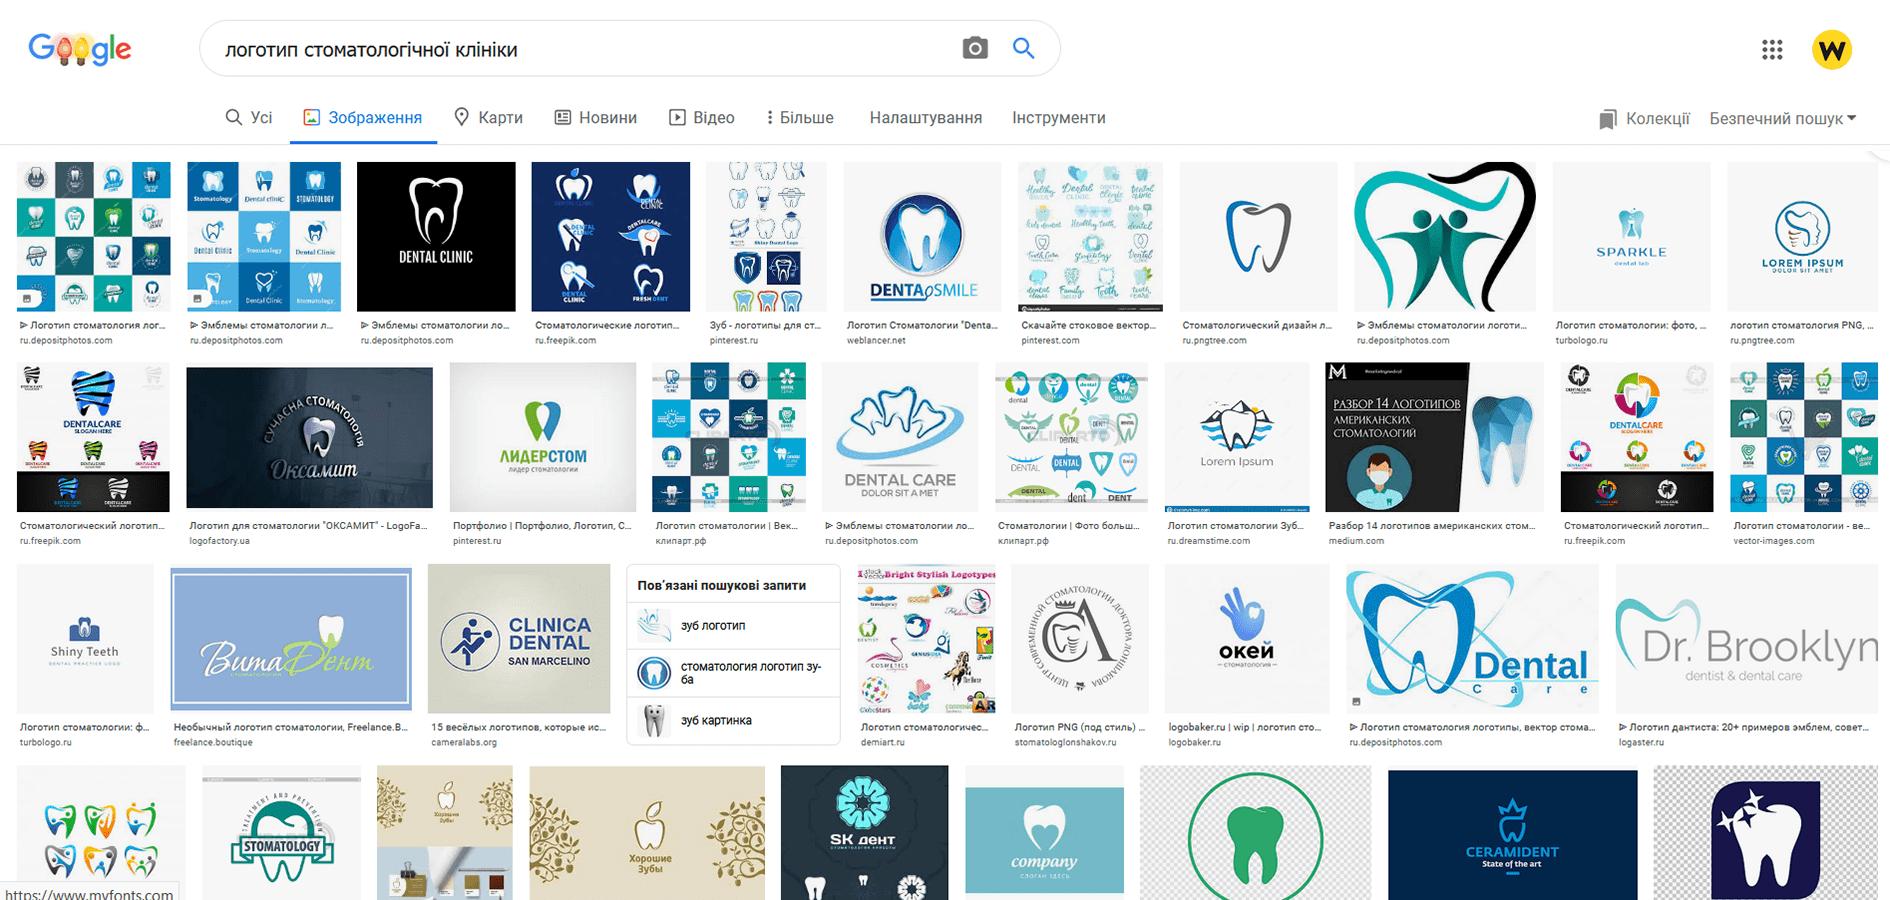 Логотипи стоматологічних клінік